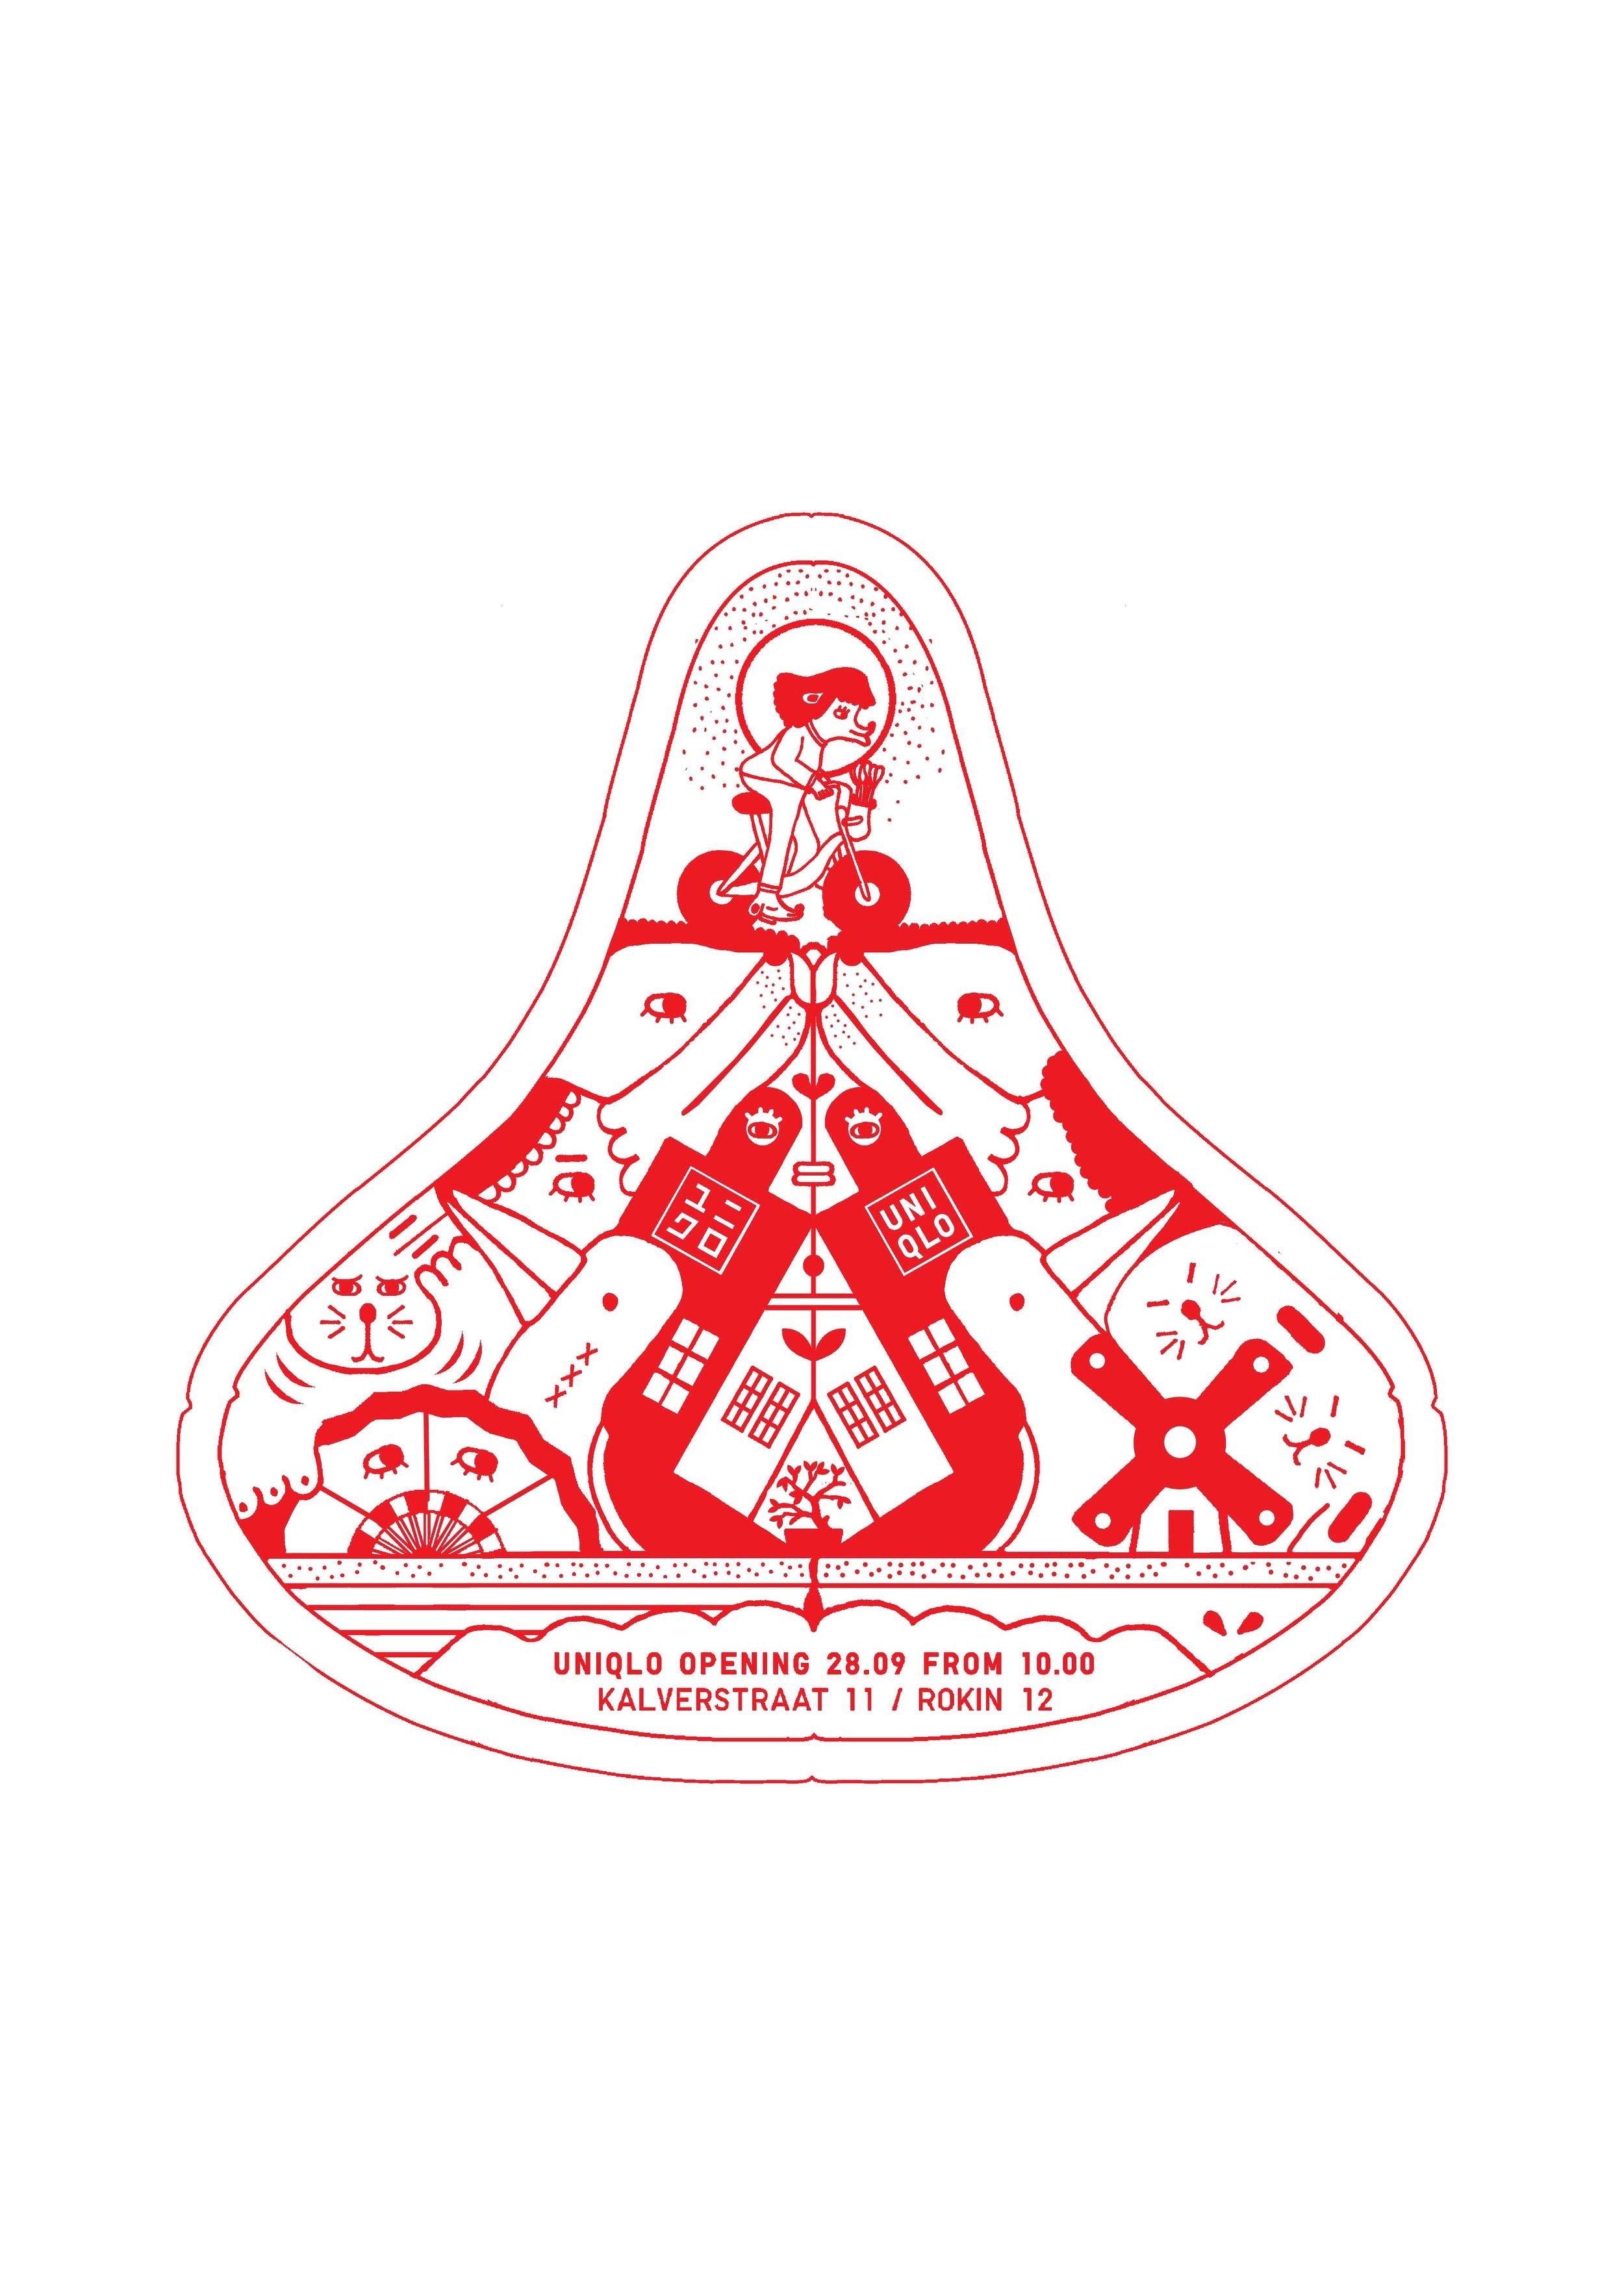 UNIQLO logo midden met kader.jpg